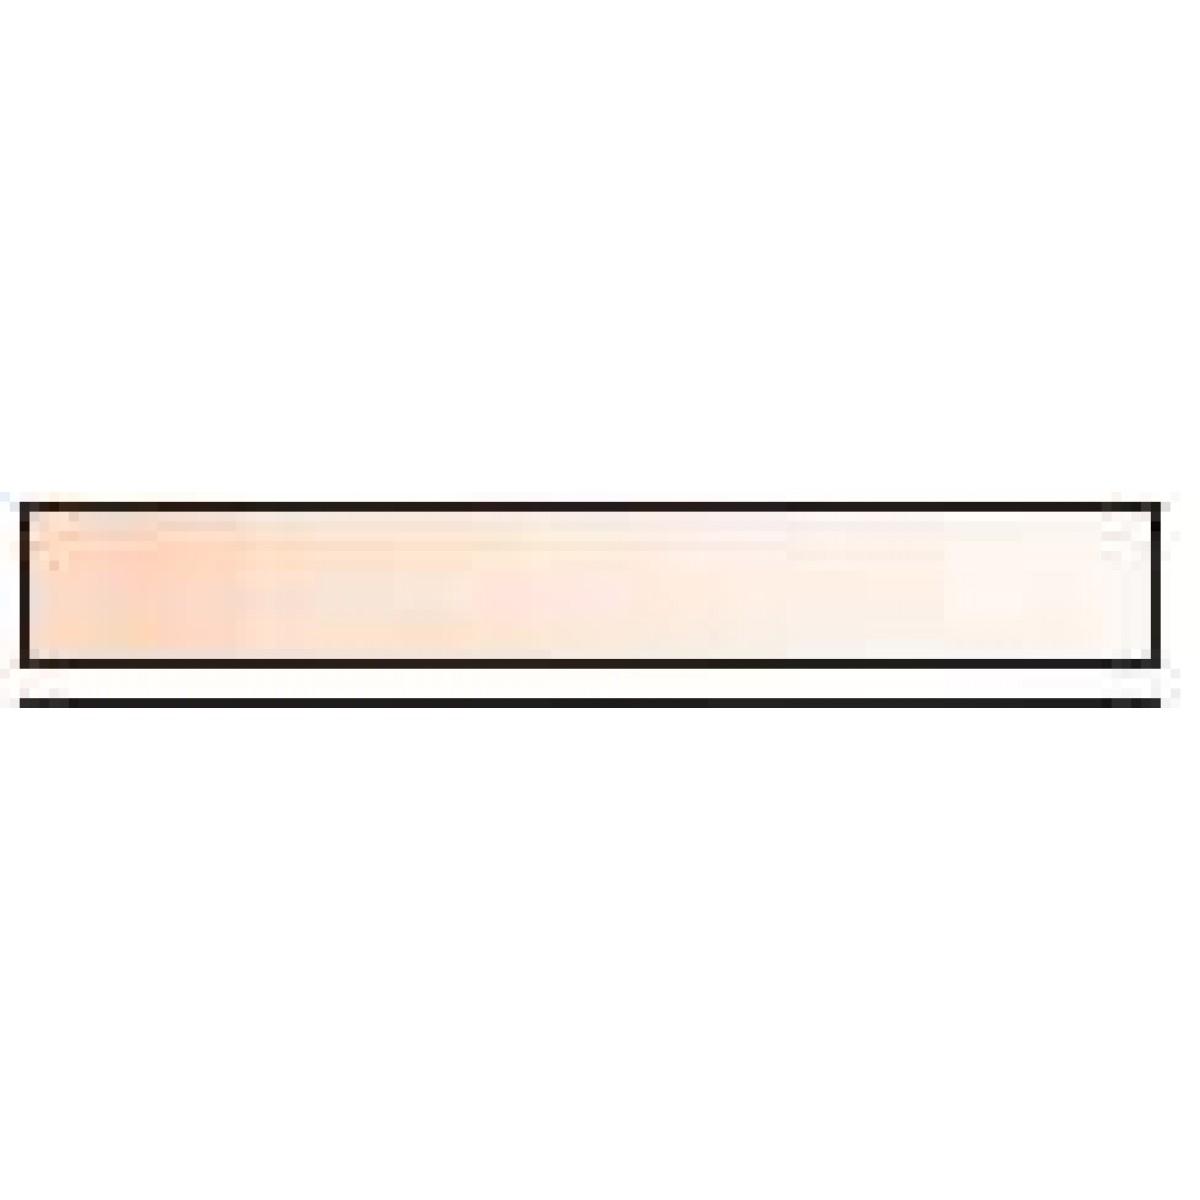 8549 Kunstnerkvalitet soft pastel Flesh light